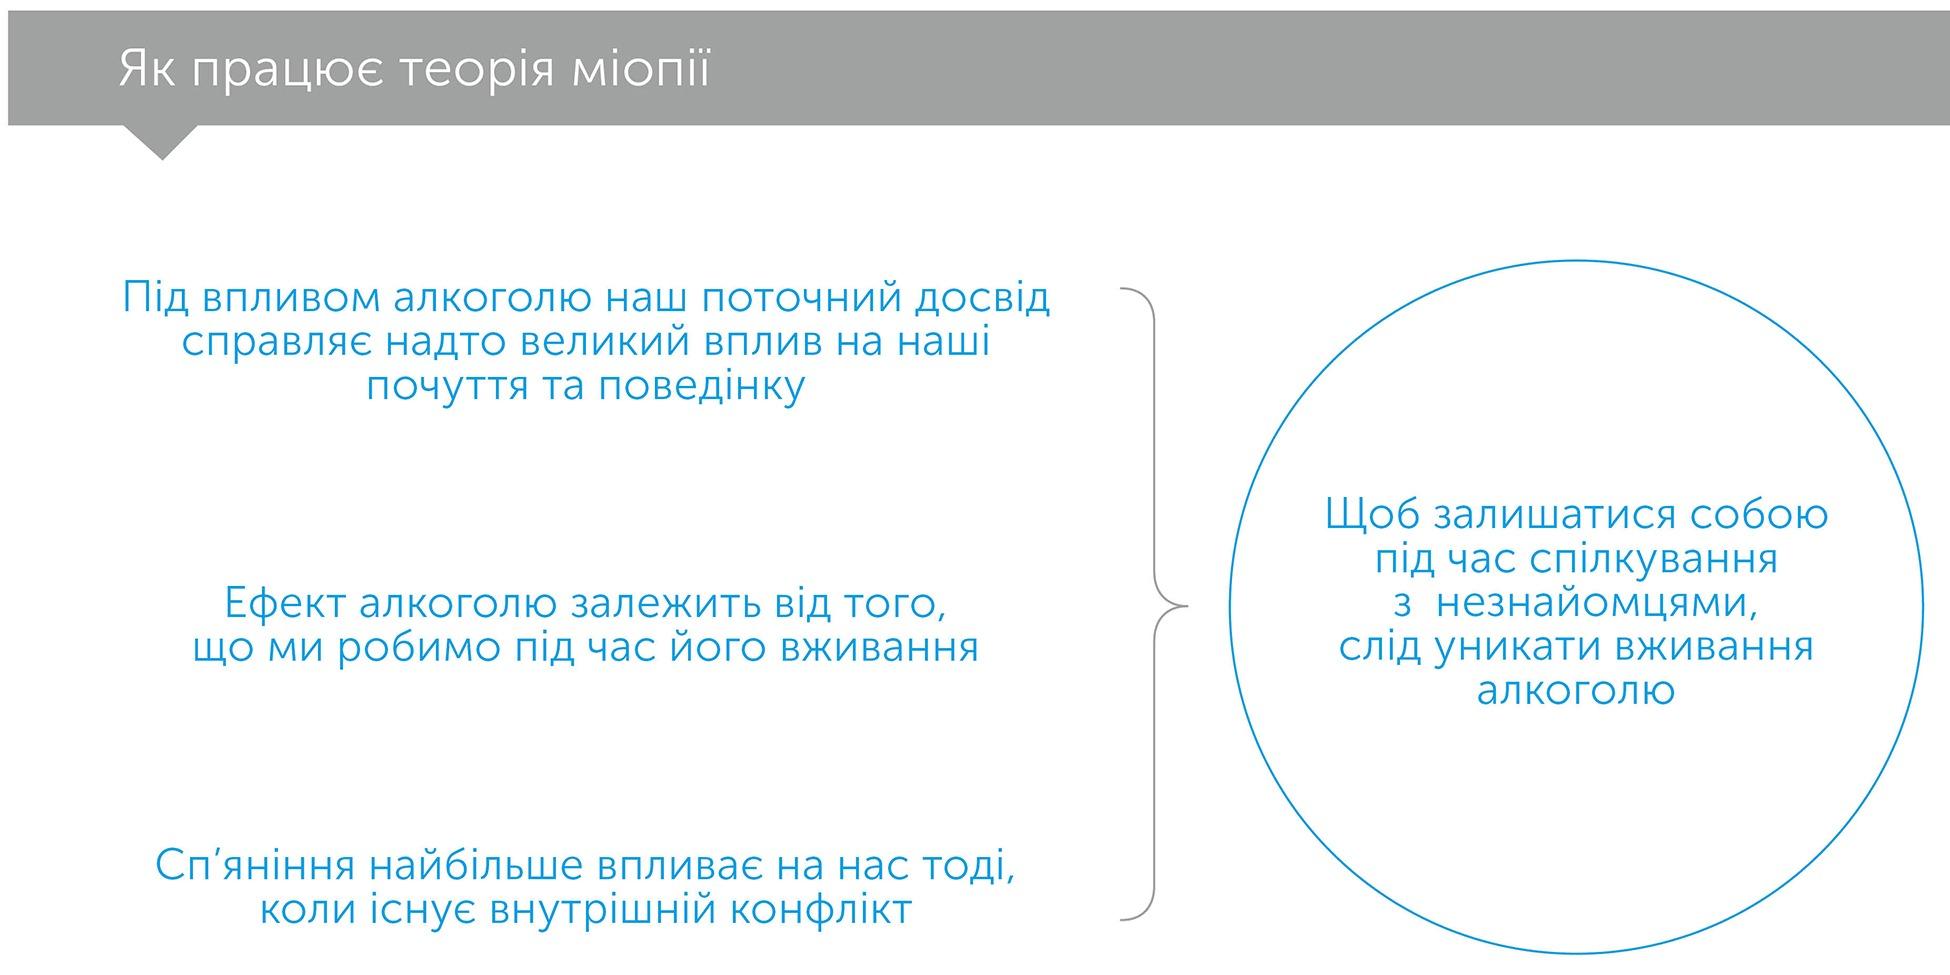 Розмова з незнайомцями, автор Малкольм Гладуелл   Kyivstar Business Hub, зображення №3